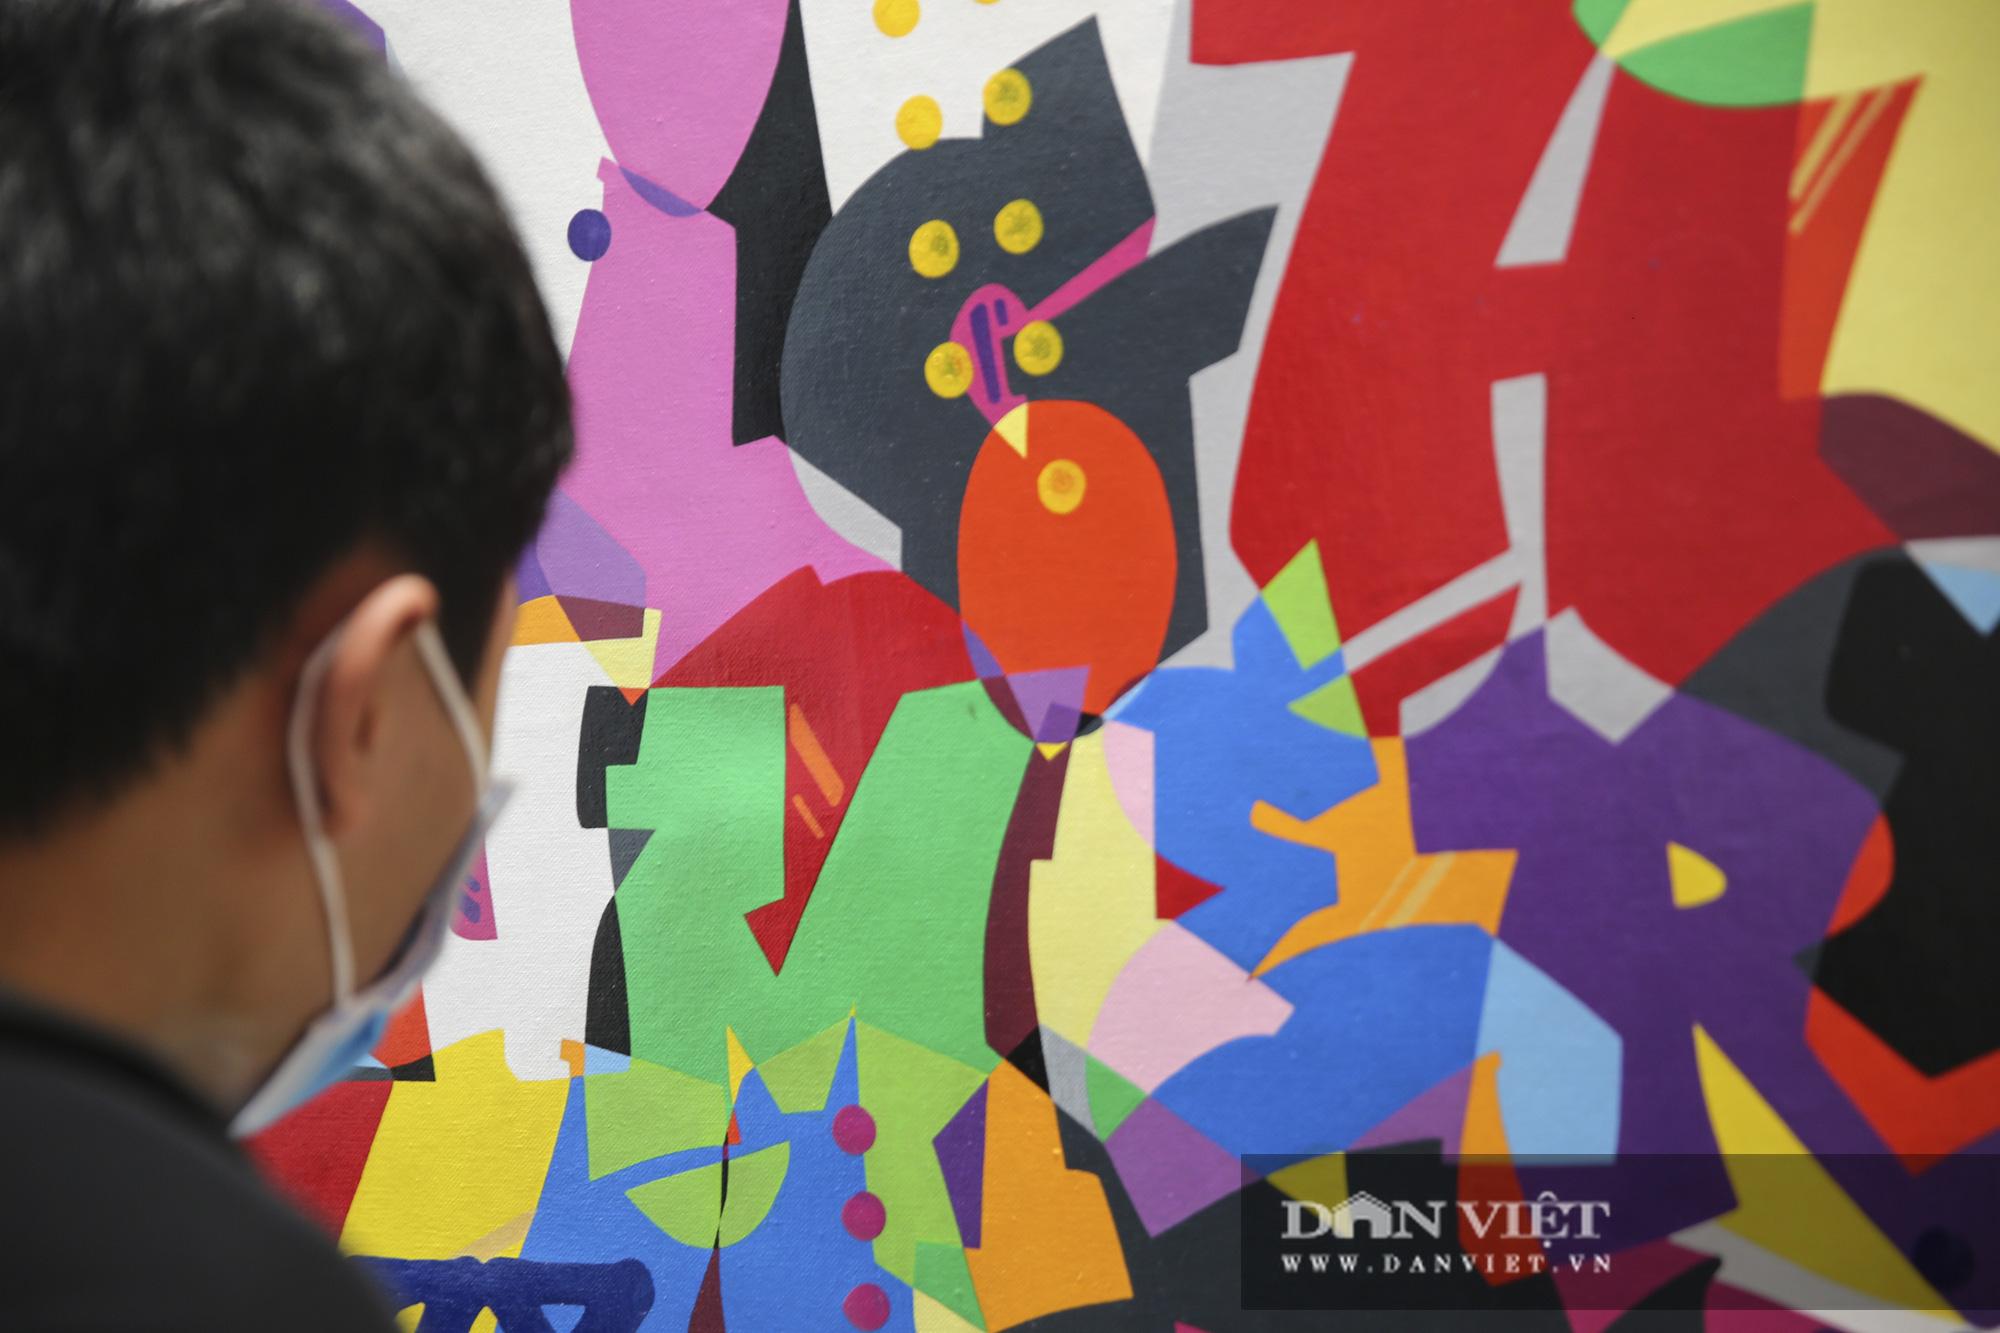 Cận cảnh phòng tranh graffiti tiền tỷ của huyền thoại Cyrial Kongo tại Hà Nội - Ảnh 7.